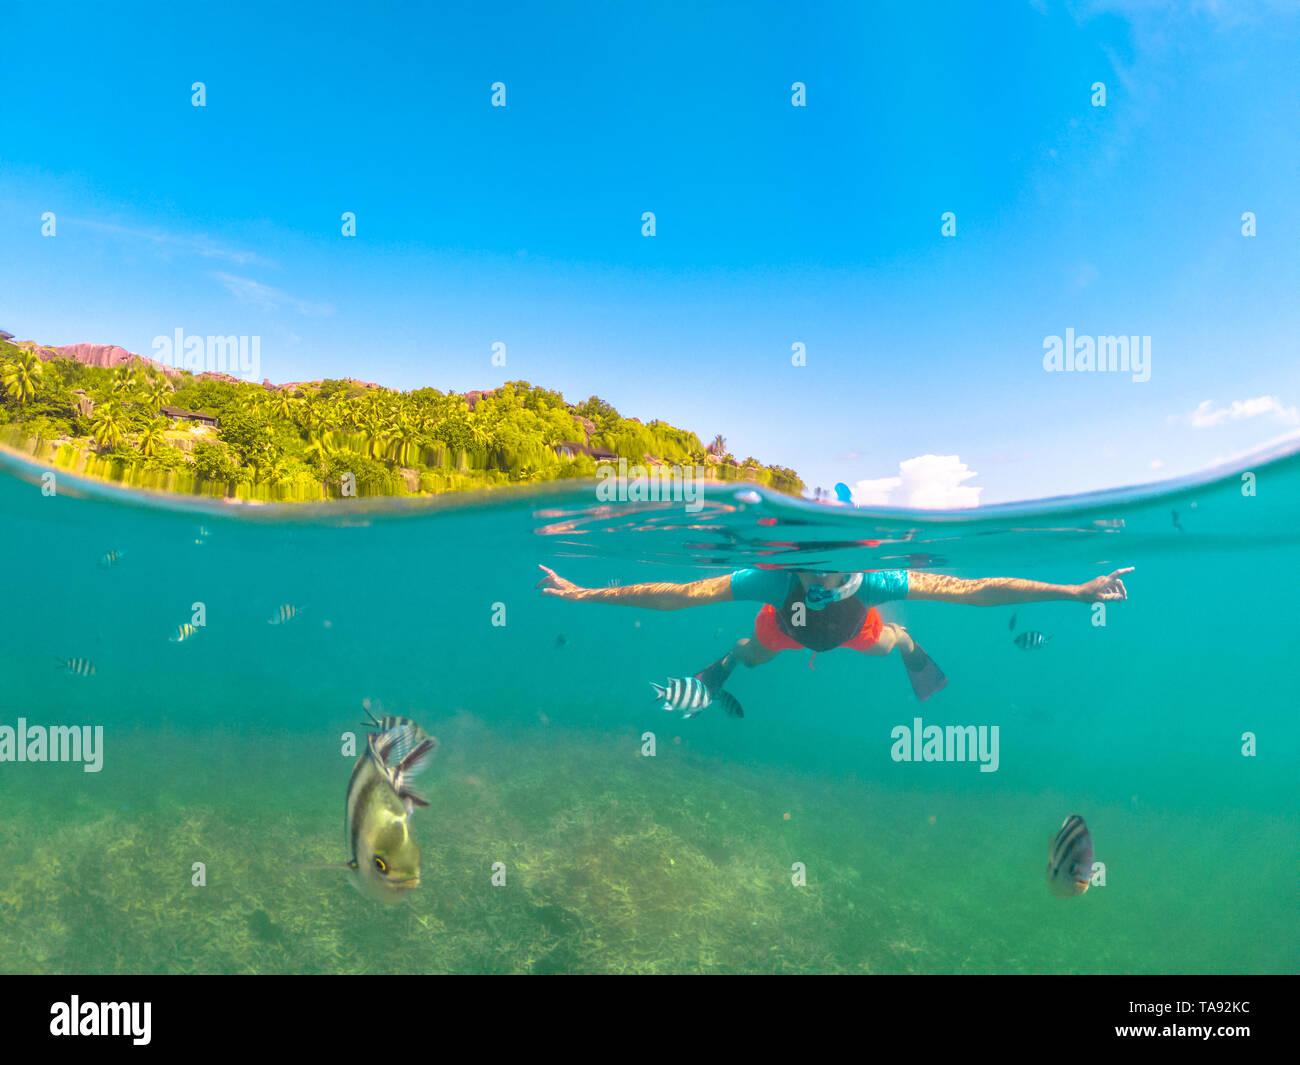 Vista dividida de la apnea femenina bajo y sobre el mar. Mujer de ropa de buceo en Felicite, isla satélite la Digue, Seychelles. Estilo de vida de viaje Foto de stock